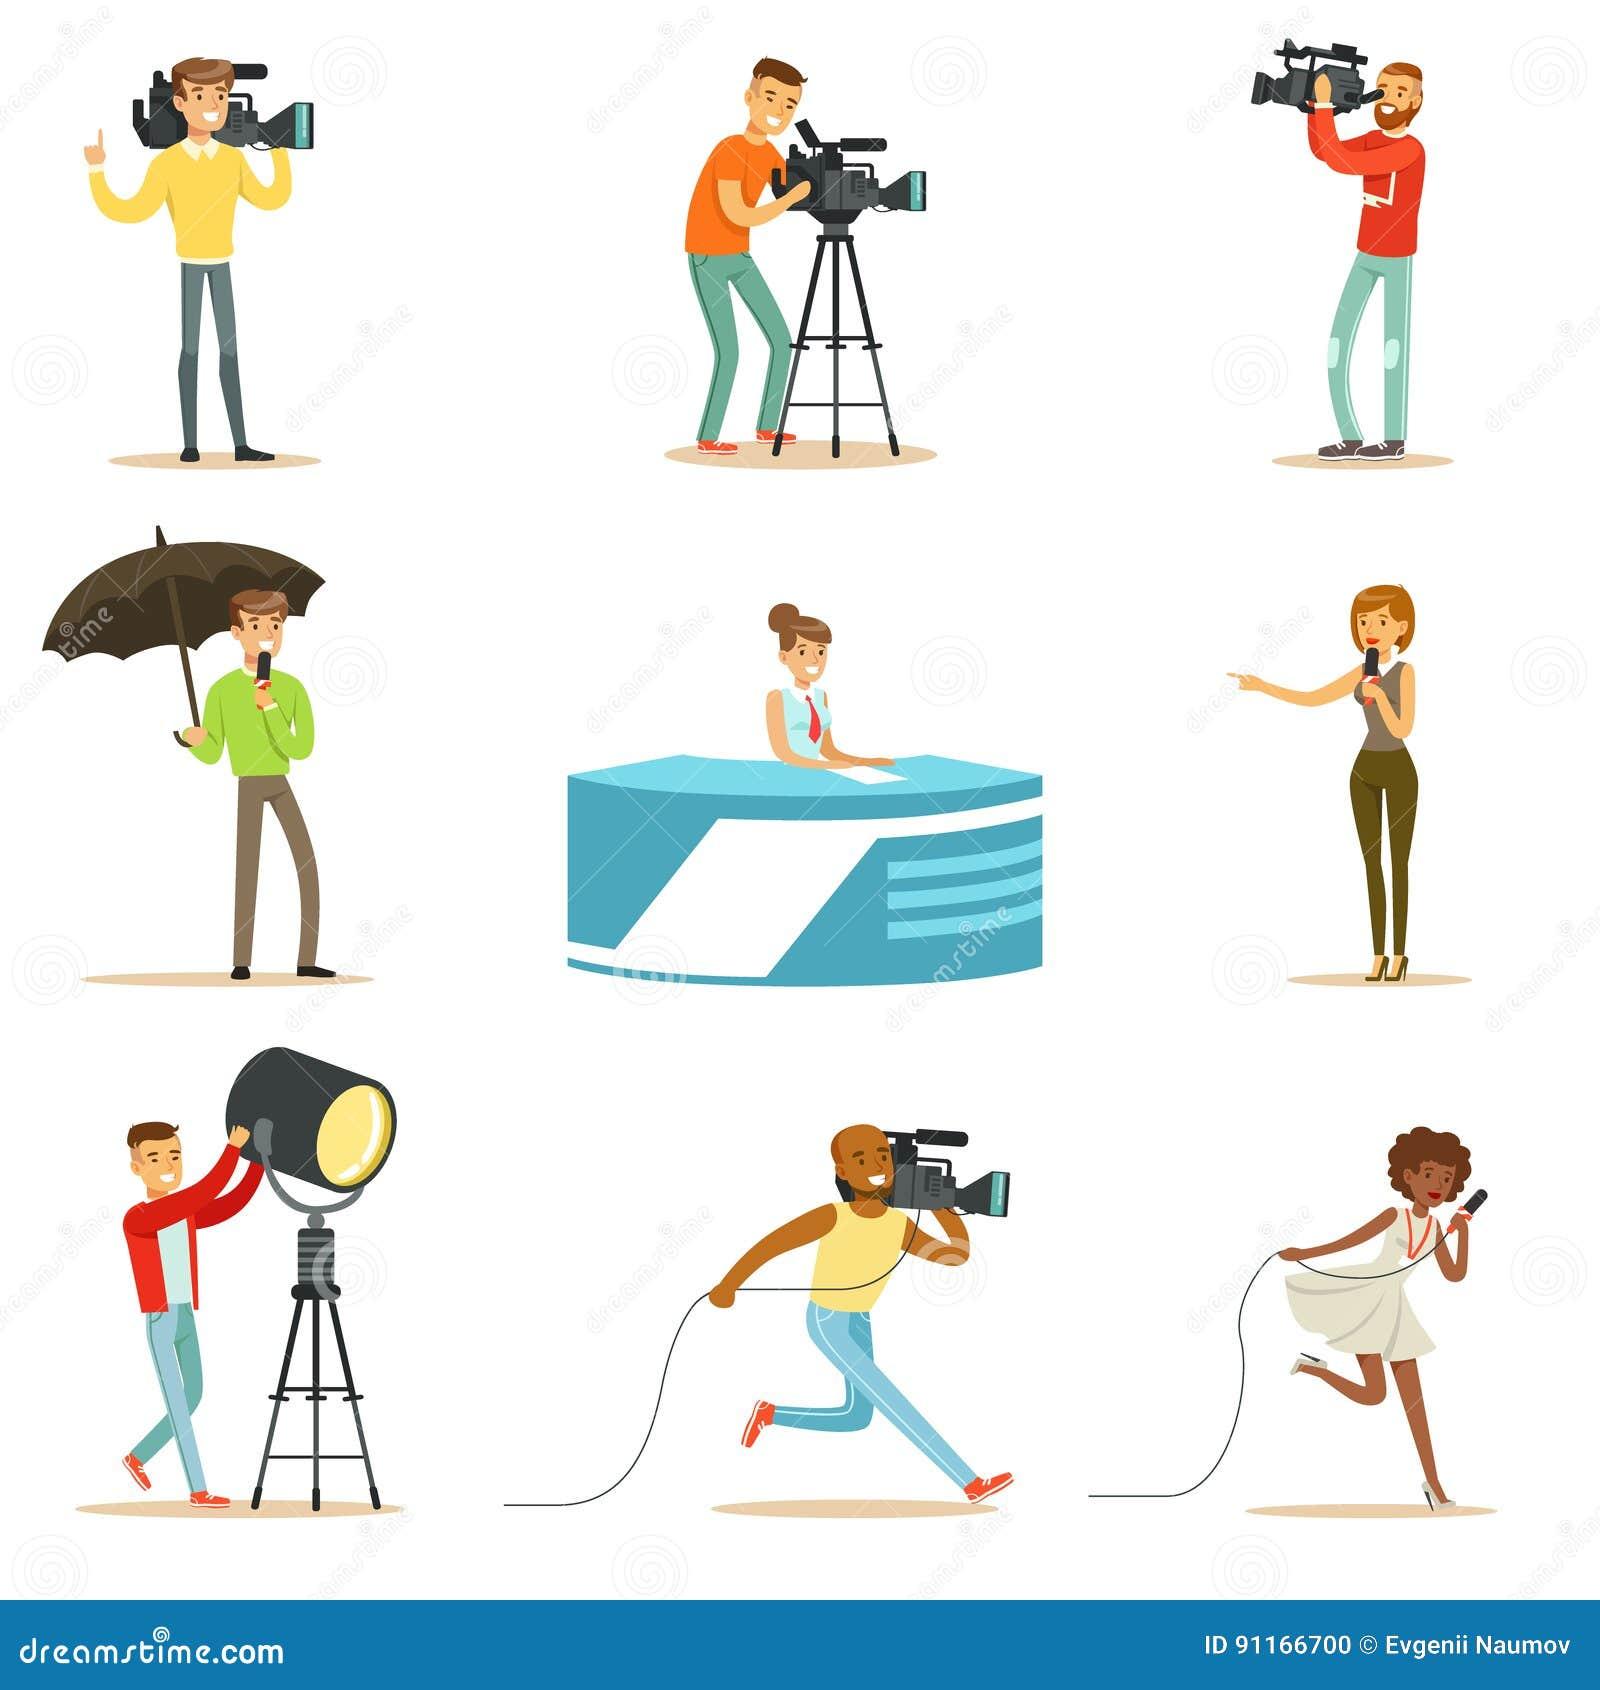 Ett nyhetsprogrambesättning av yrkesmässiga kameraman och journalister som skapar TVTV-sändning av Live Television Set Of Cartoon